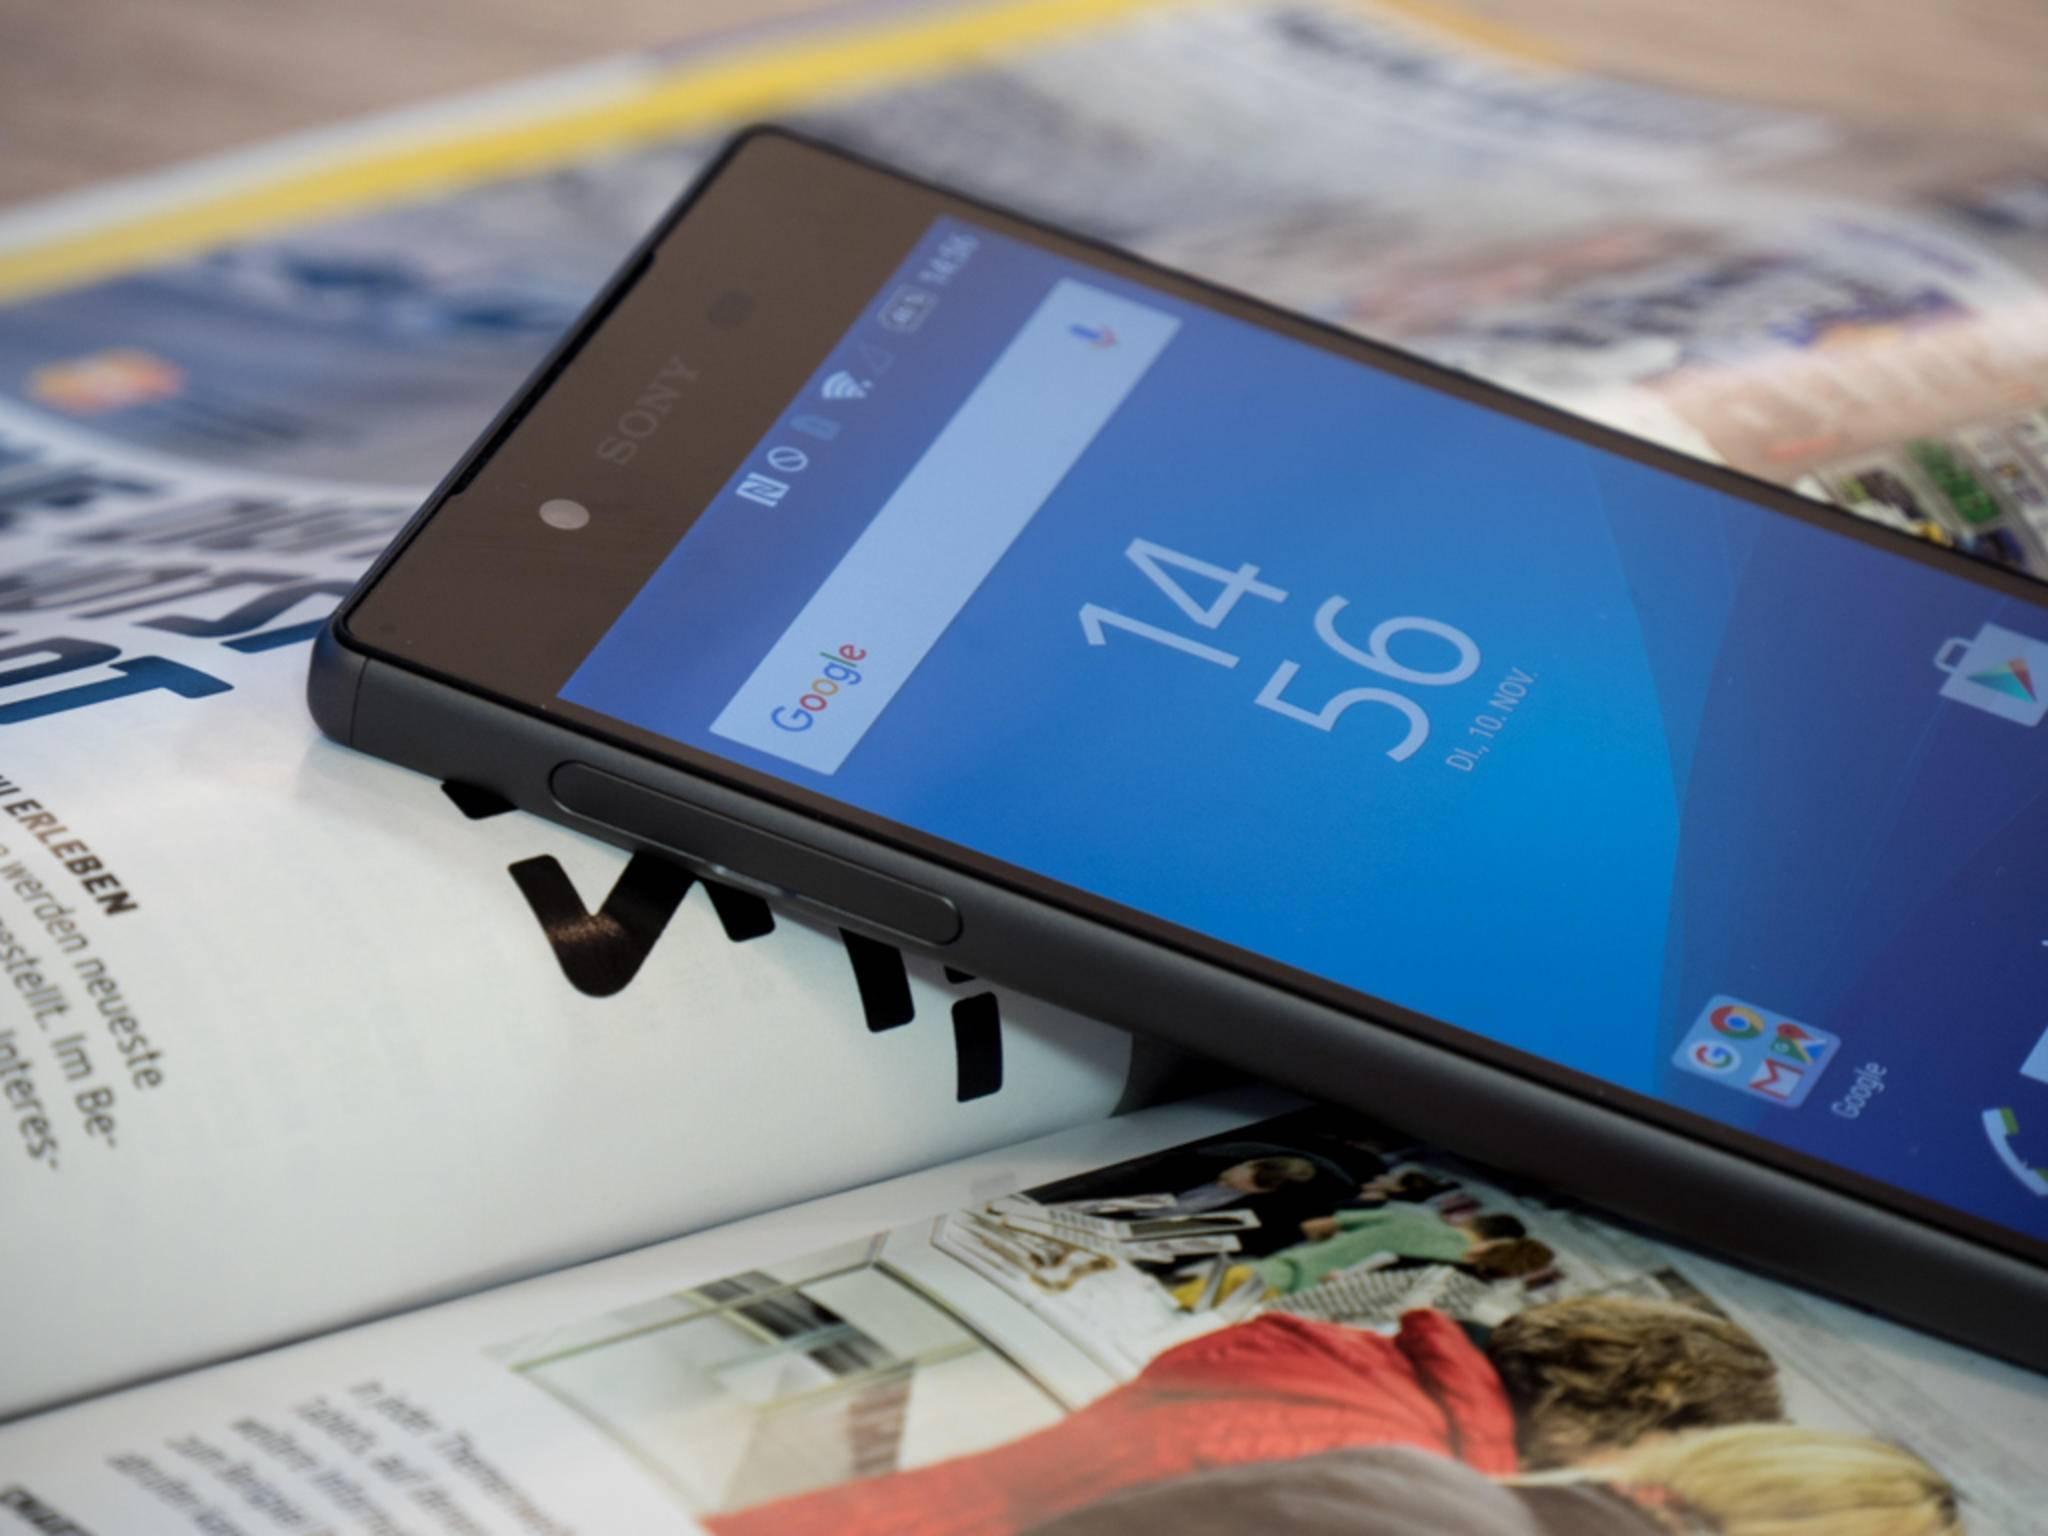 Das Sony Xperia Z5 zählt zu den wenigen aktuellen Flaggschiffmodellen mit microSD-Slot.